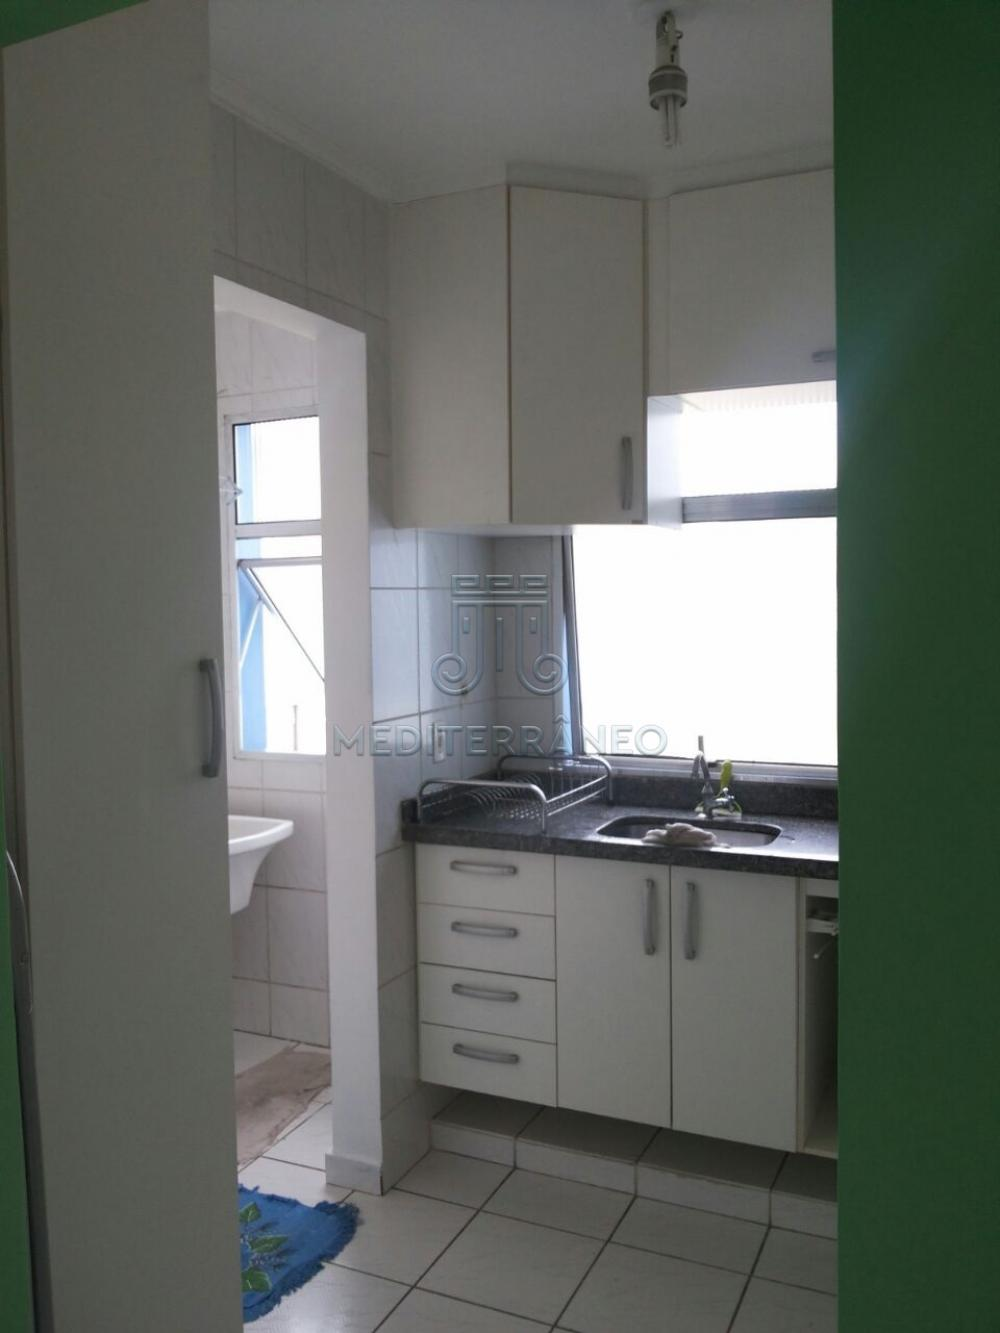 Comprar Apartamento / Padrão em Itupeva apenas R$ 225.000,00 - Foto 12